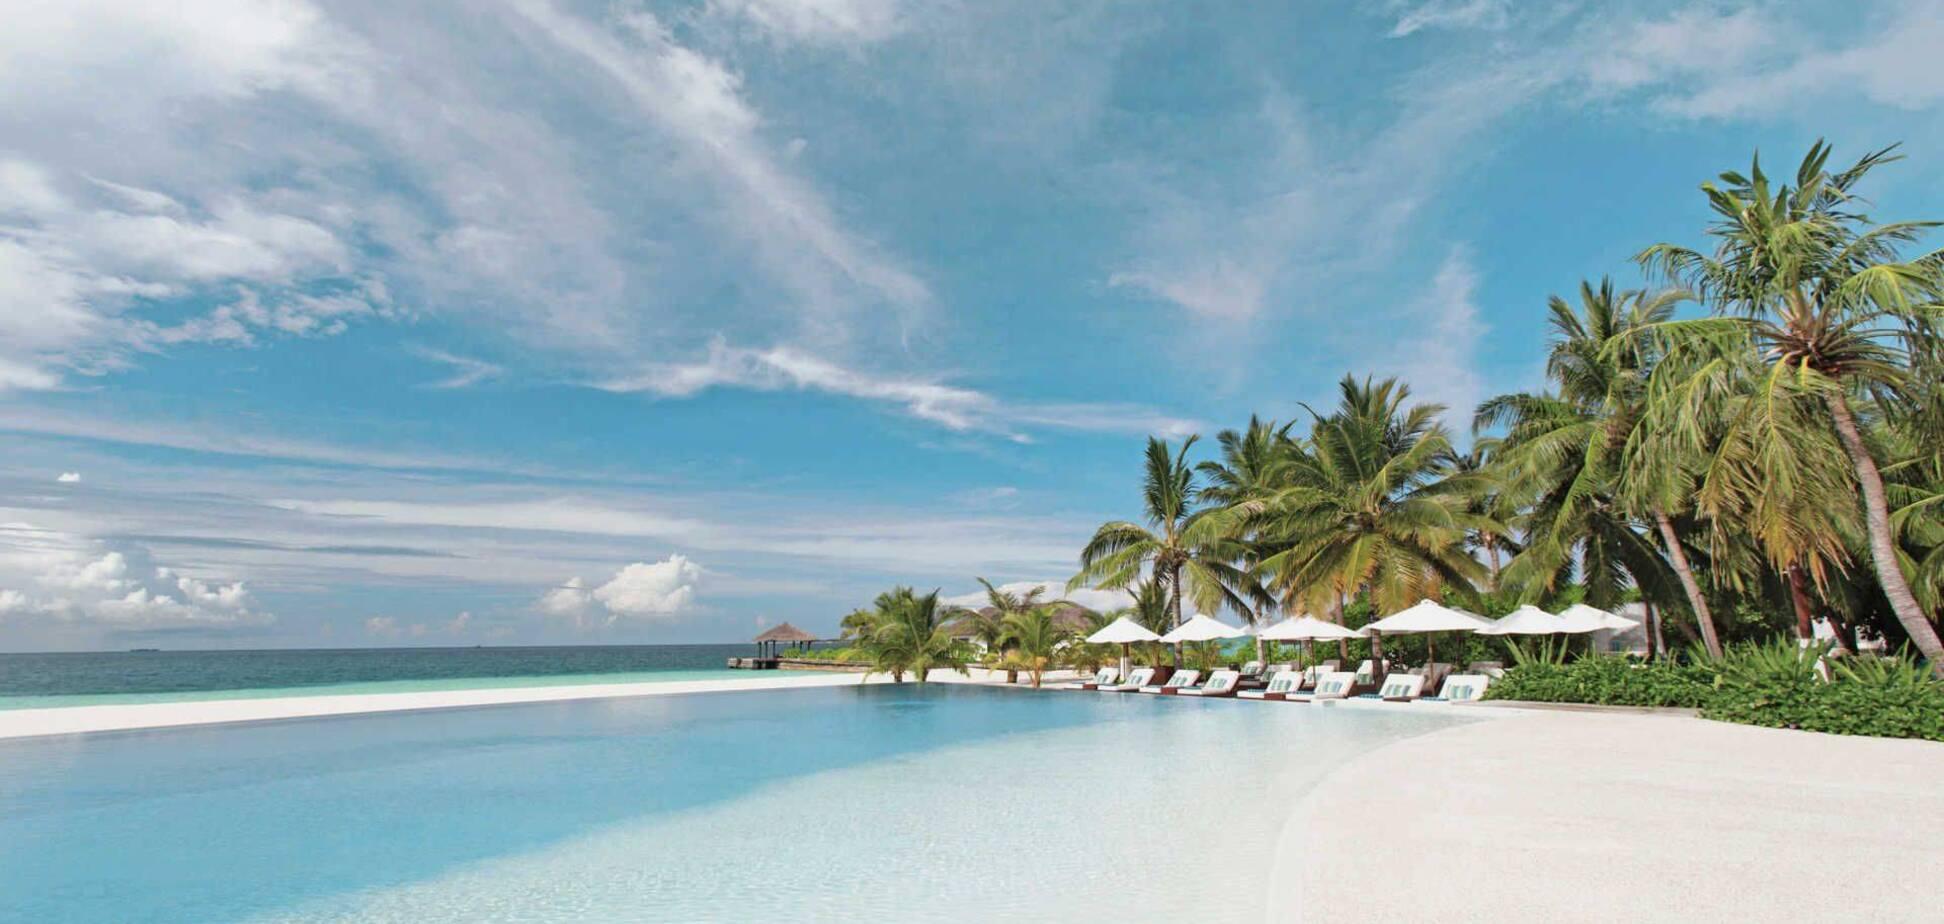 Туристи можуть відвідати Мальдіви незважаючи на карантин. Джерело: Pinterest